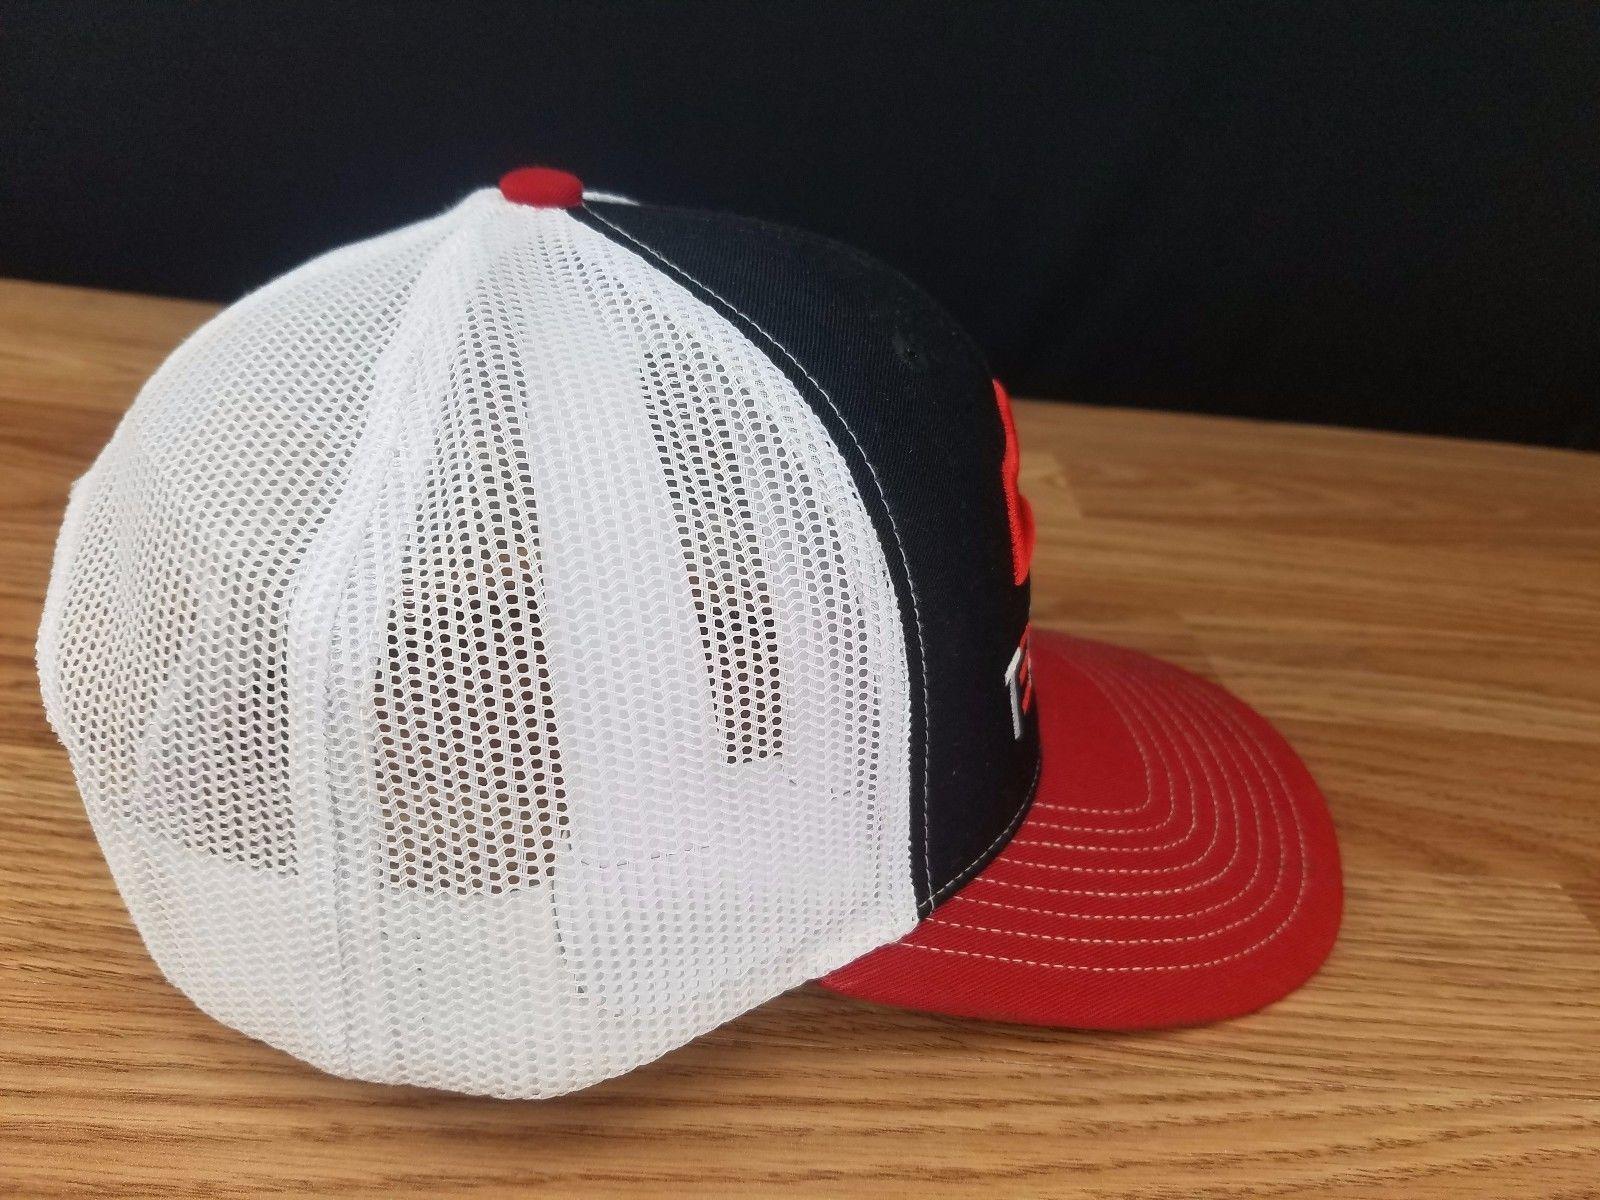 Chevy hat, Bowtie Logo, Snapback, Truck, Camaro, Silverado, Richardson 112, cap